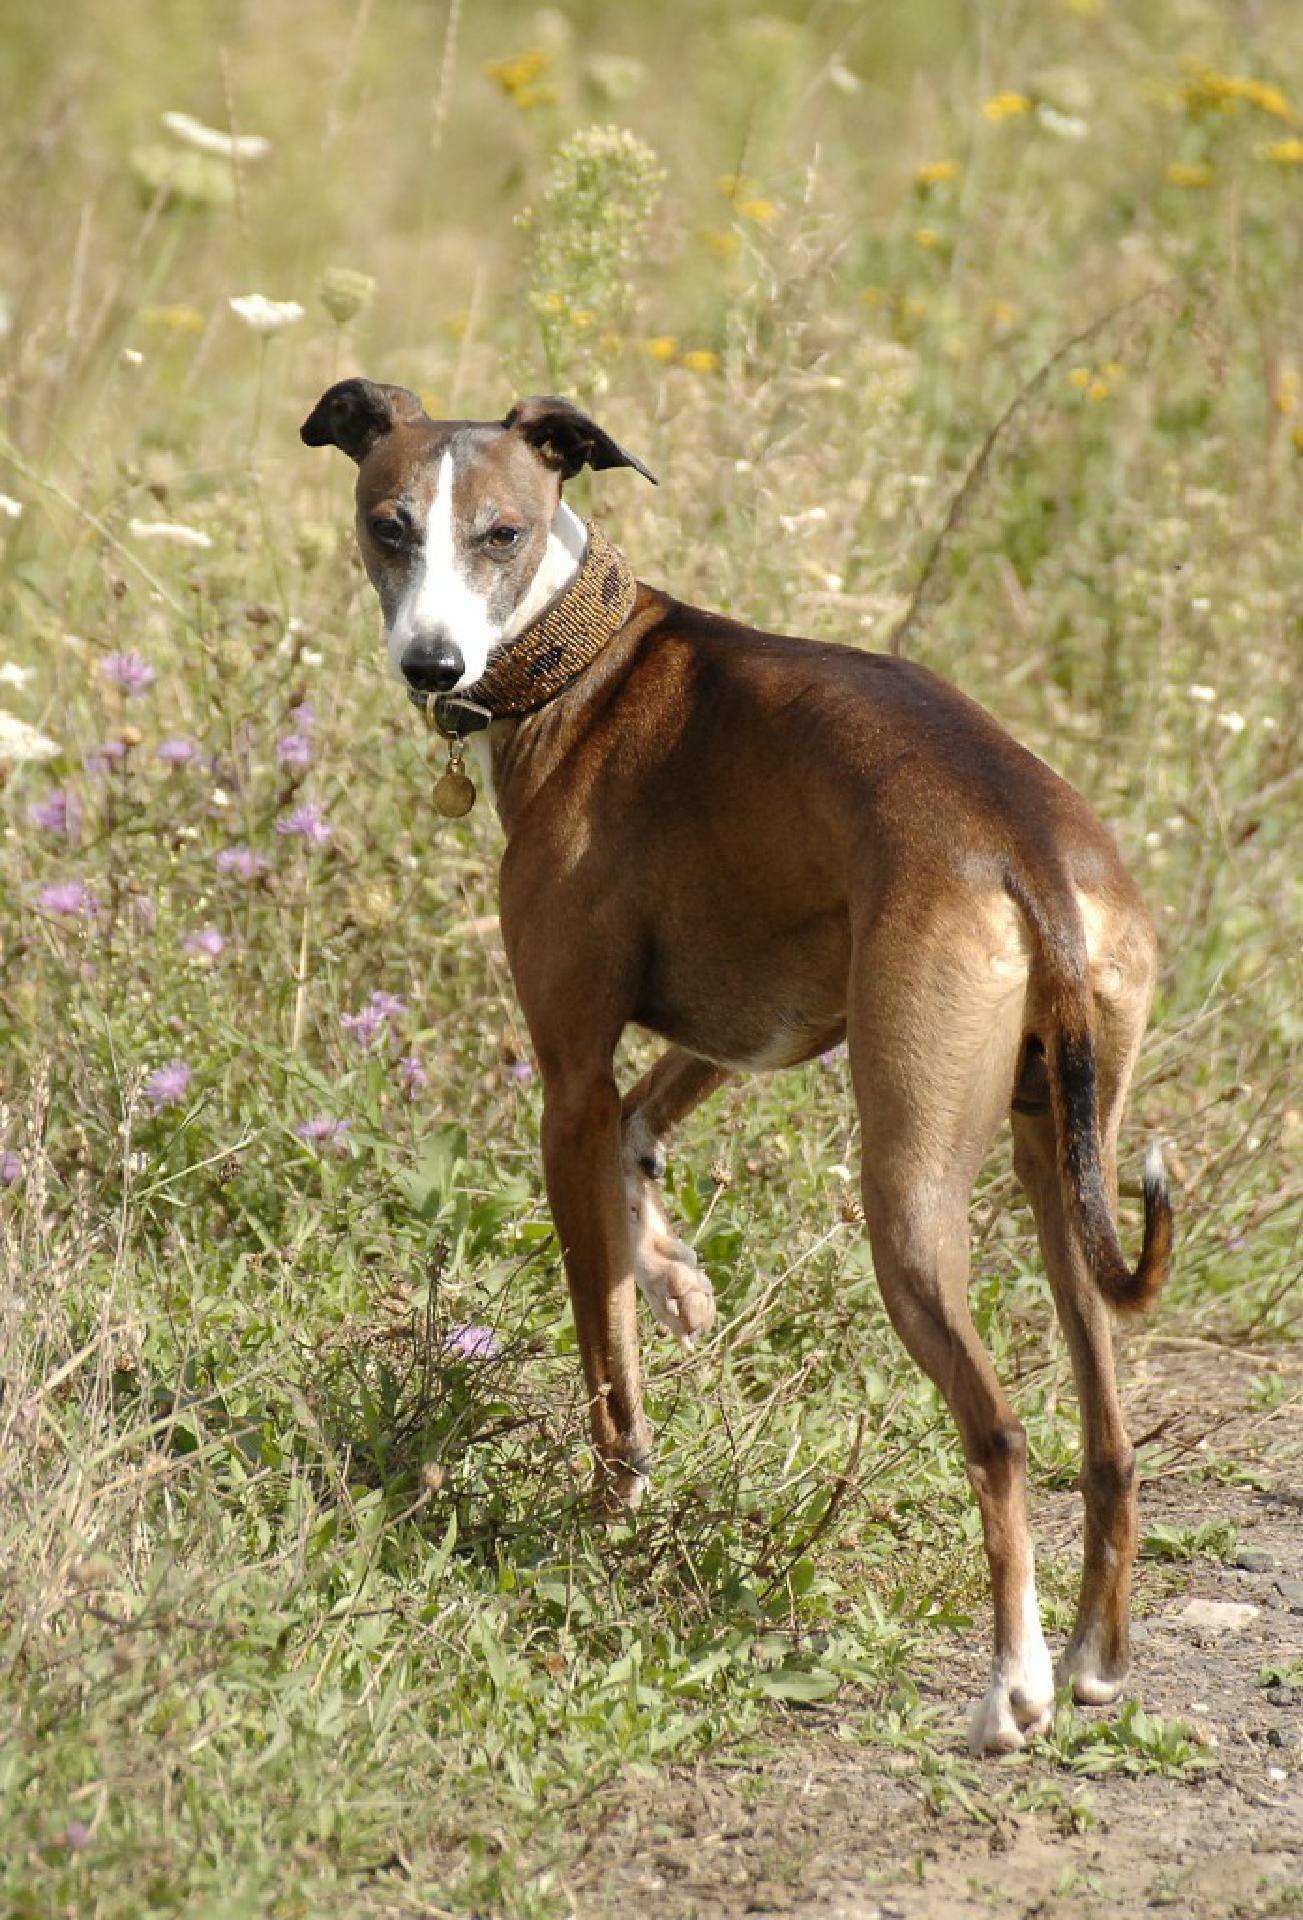 Der Hund soll sich während des Spaziergangs immer wieder Ihrer versichern